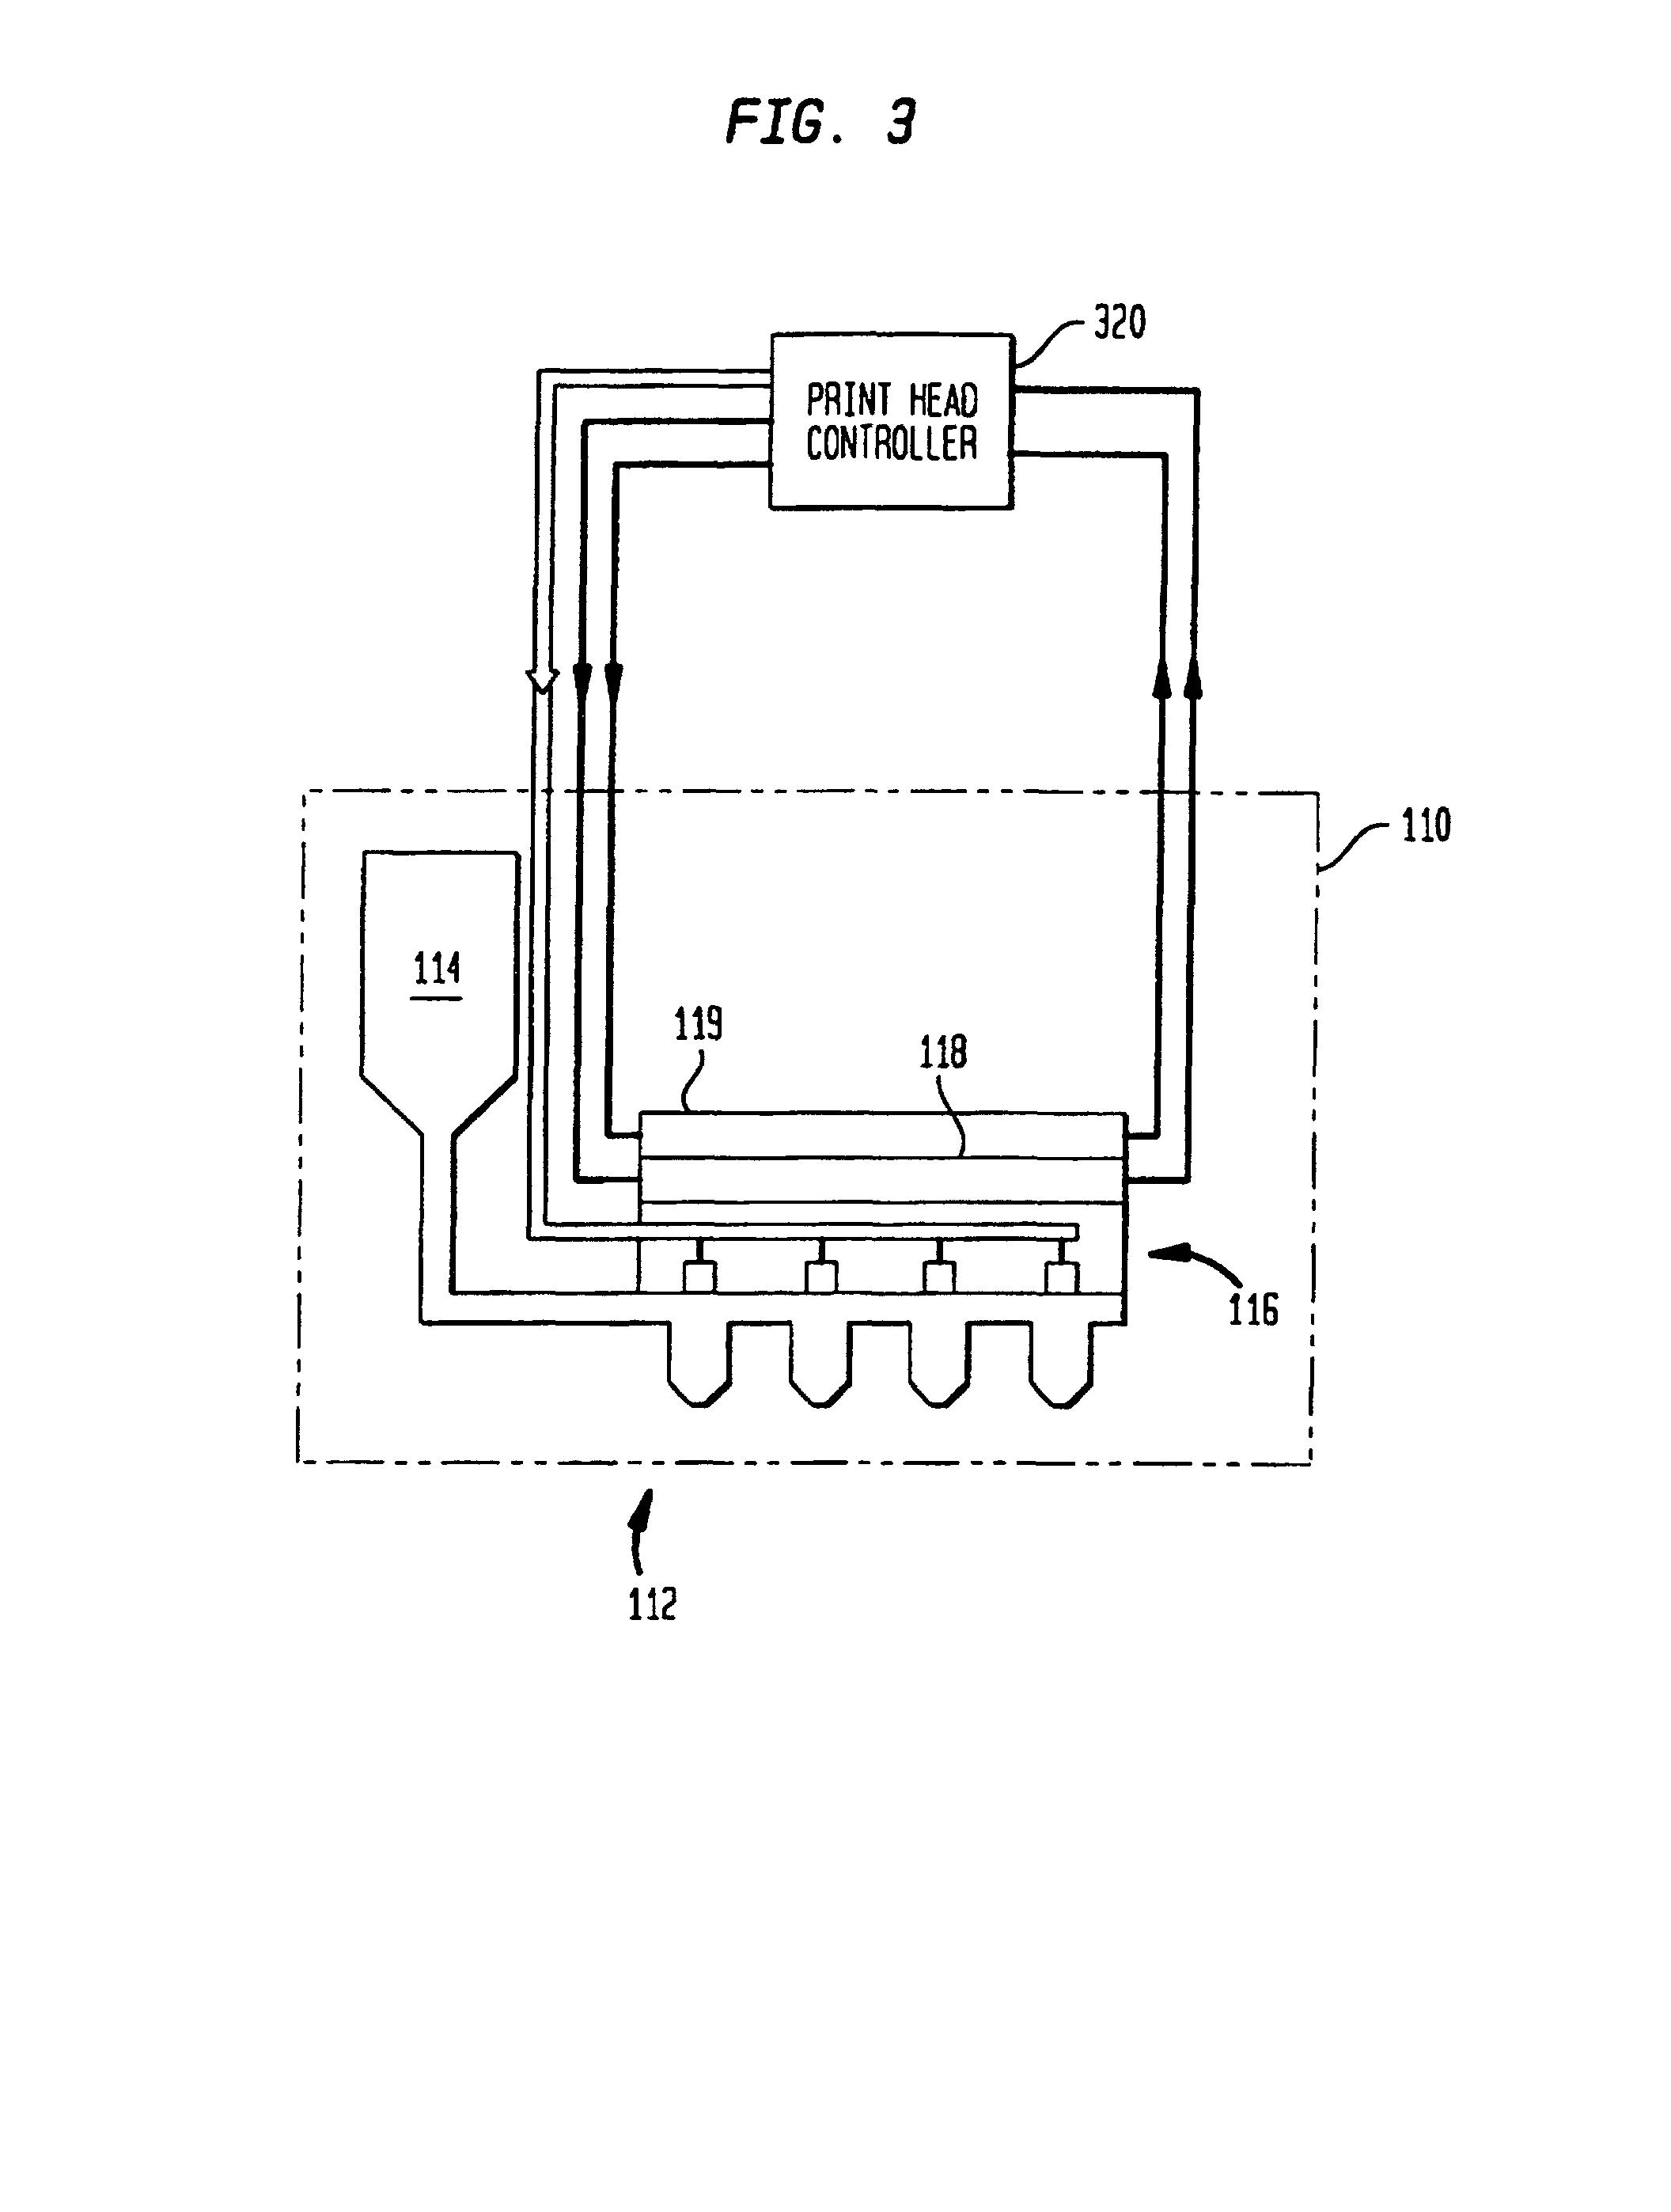 patent ep0881079b1 dispositif de contr le de niveau insuffisant d 39 encre pour imprimante jet. Black Bedroom Furniture Sets. Home Design Ideas